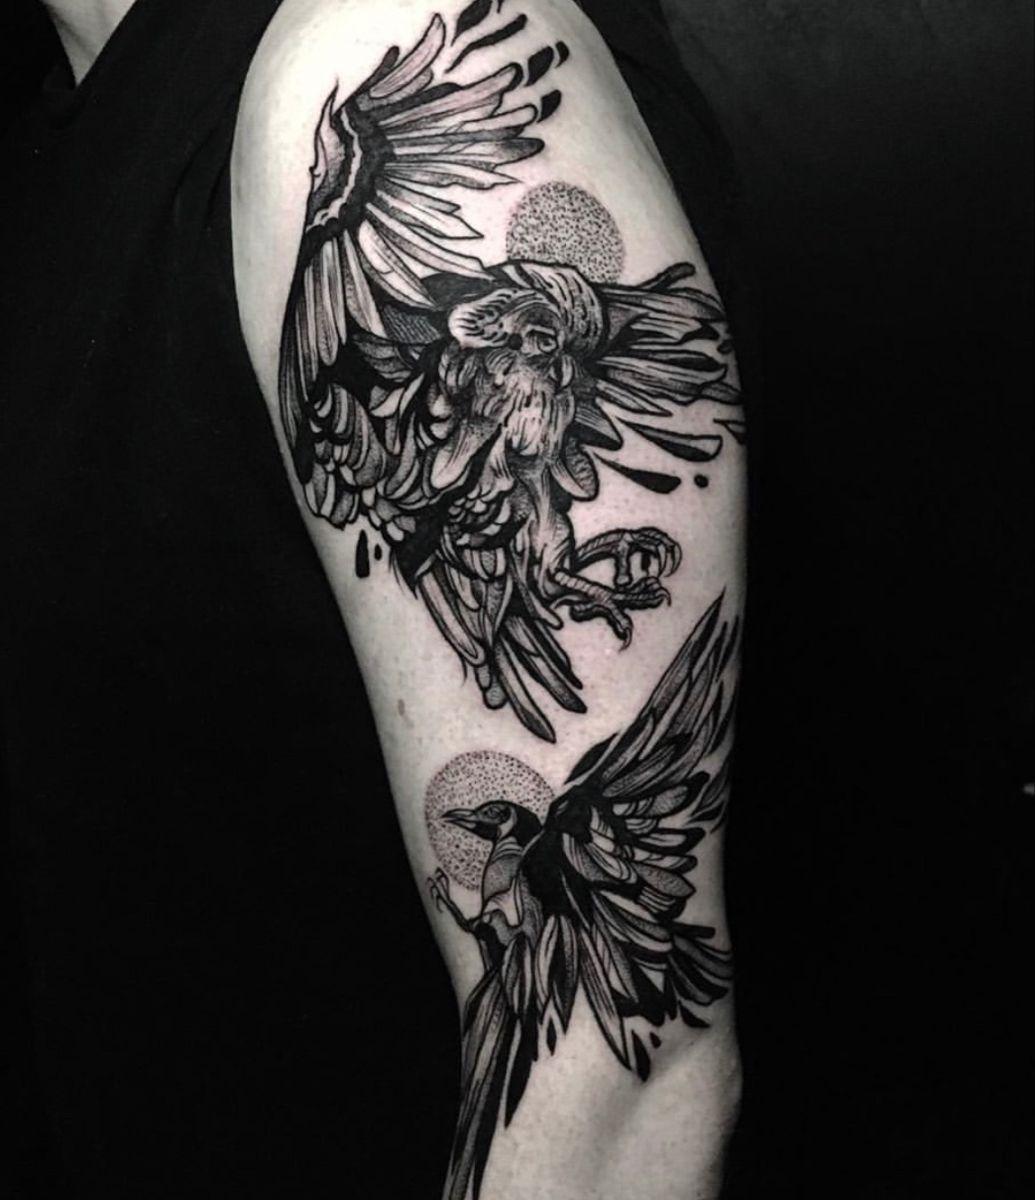 Birds By Adrian In 2020 Bullet Tattoo Tattoo Equipment Tattoos